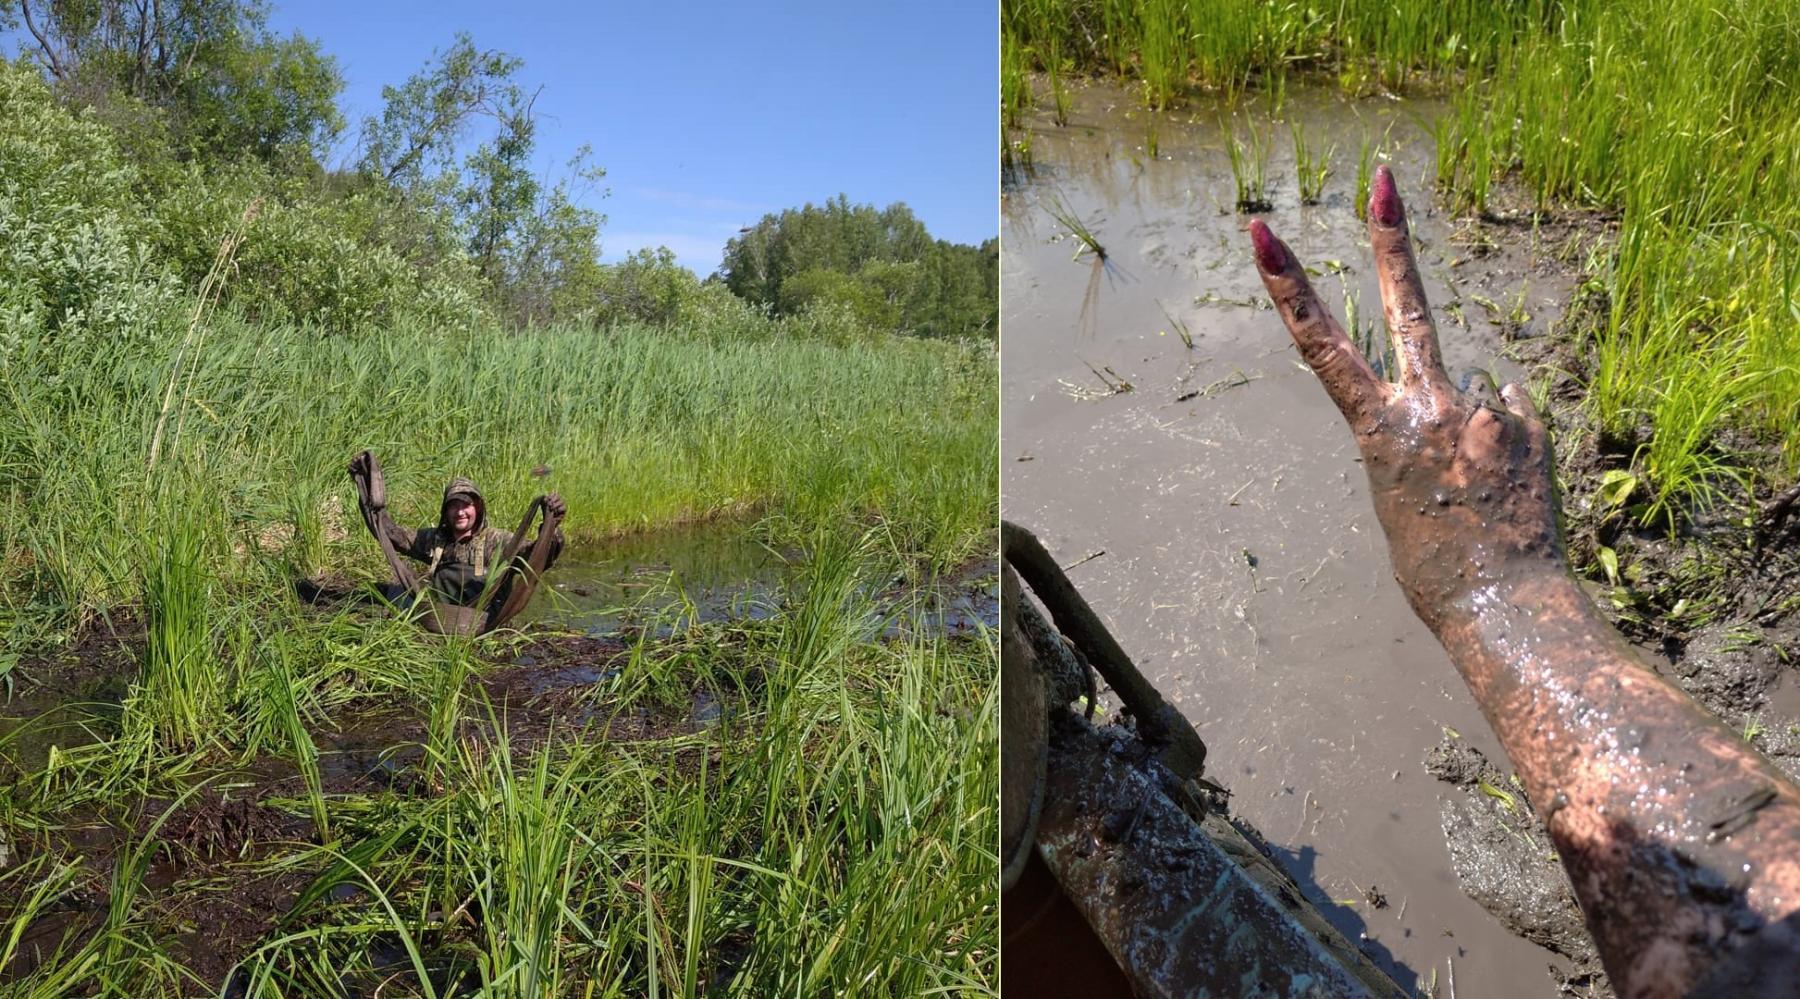 Фото Простые парни на УАЗах: зачем новосибирские экстремалы лезут в непроходимые болота и устраивают свидания с медведями 6